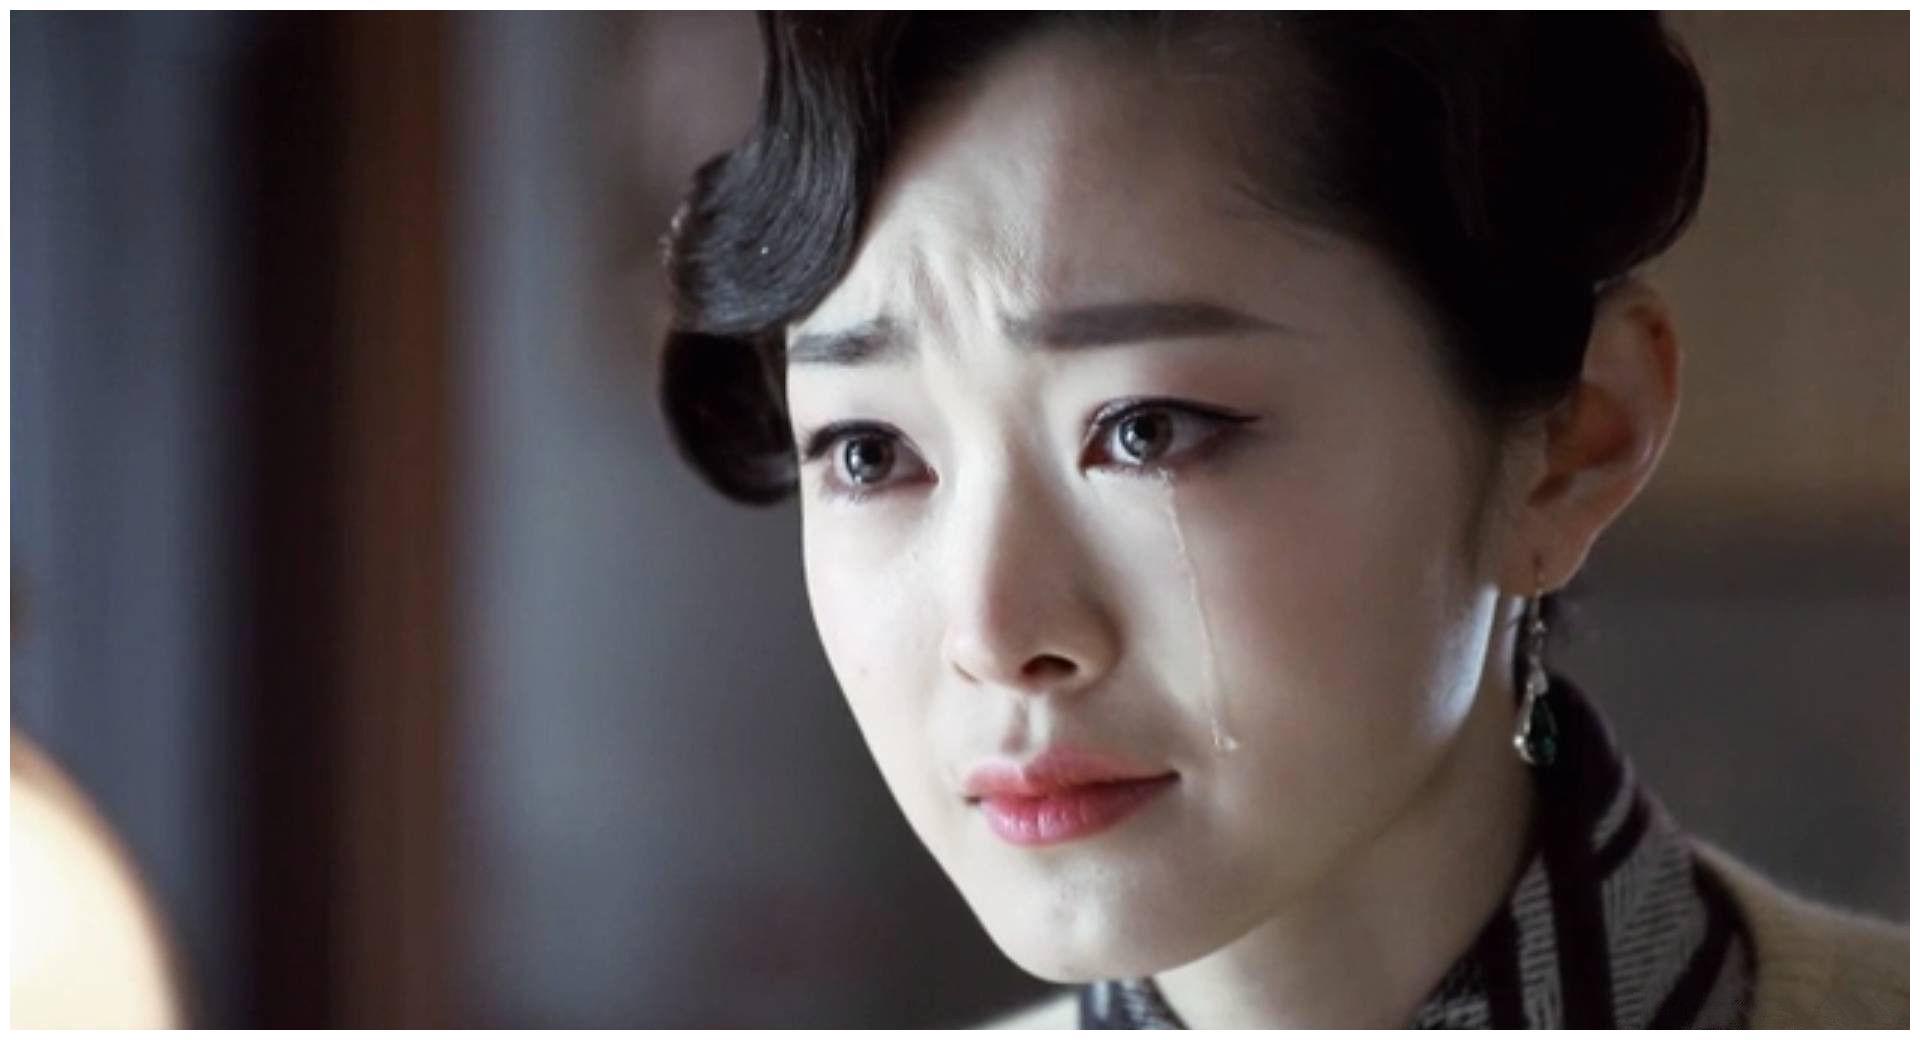 伪装者:于曼丽13岁被卖入青楼后,为何接客1年就重病难治?